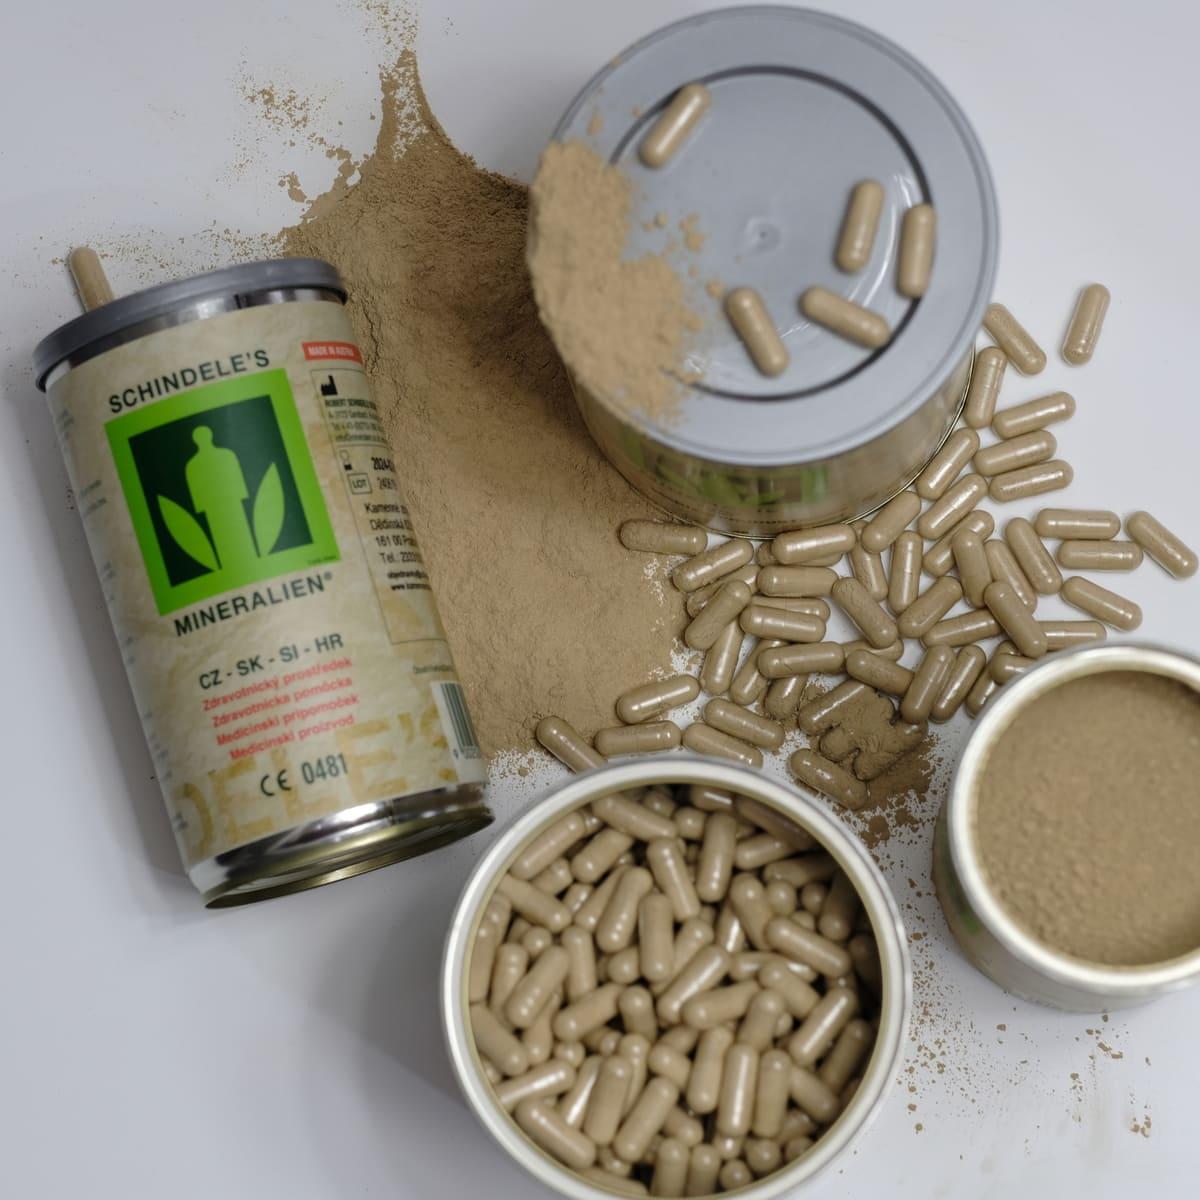 Vážou toxiny, harmonizují zažívání - Schindeleho minerály pomáhají